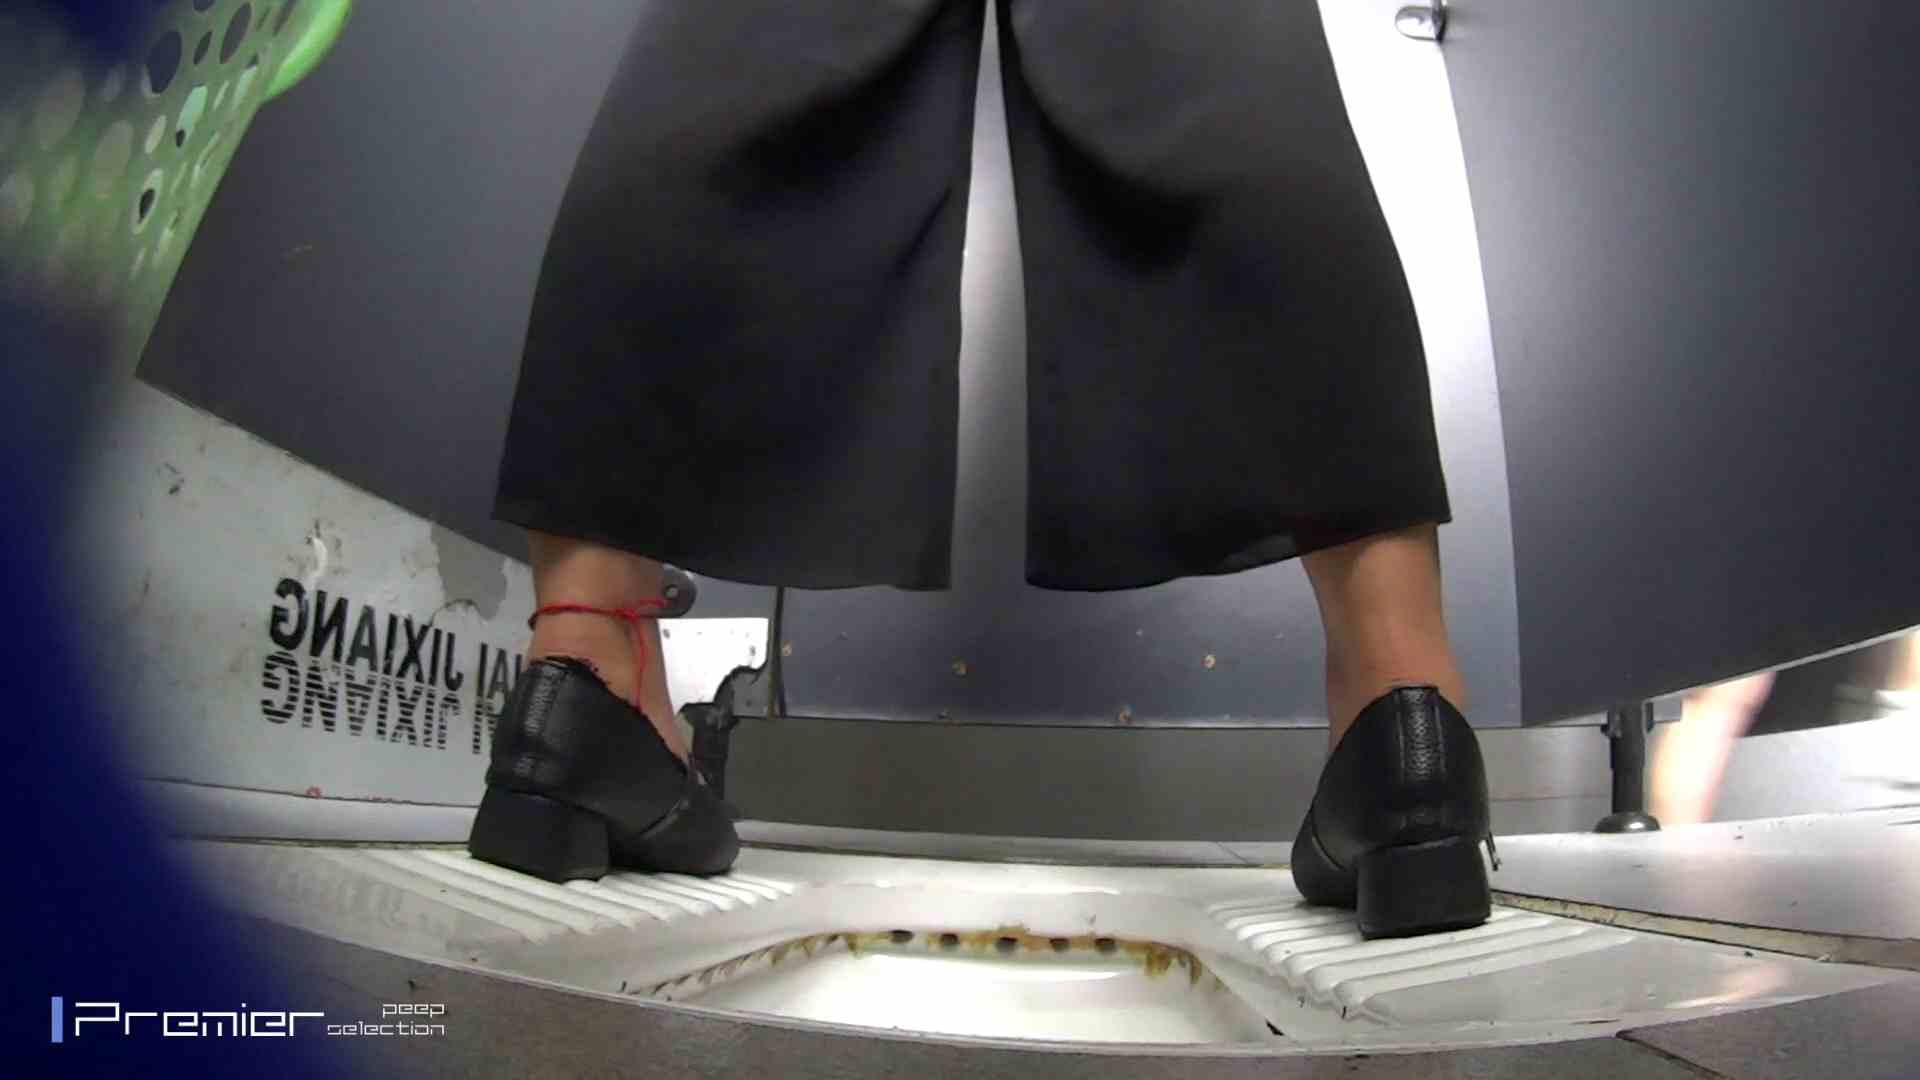 夏全開!ハーフパンツのギャル達 大学休憩時間の洗面所事情44 お姉さん  112pic 17